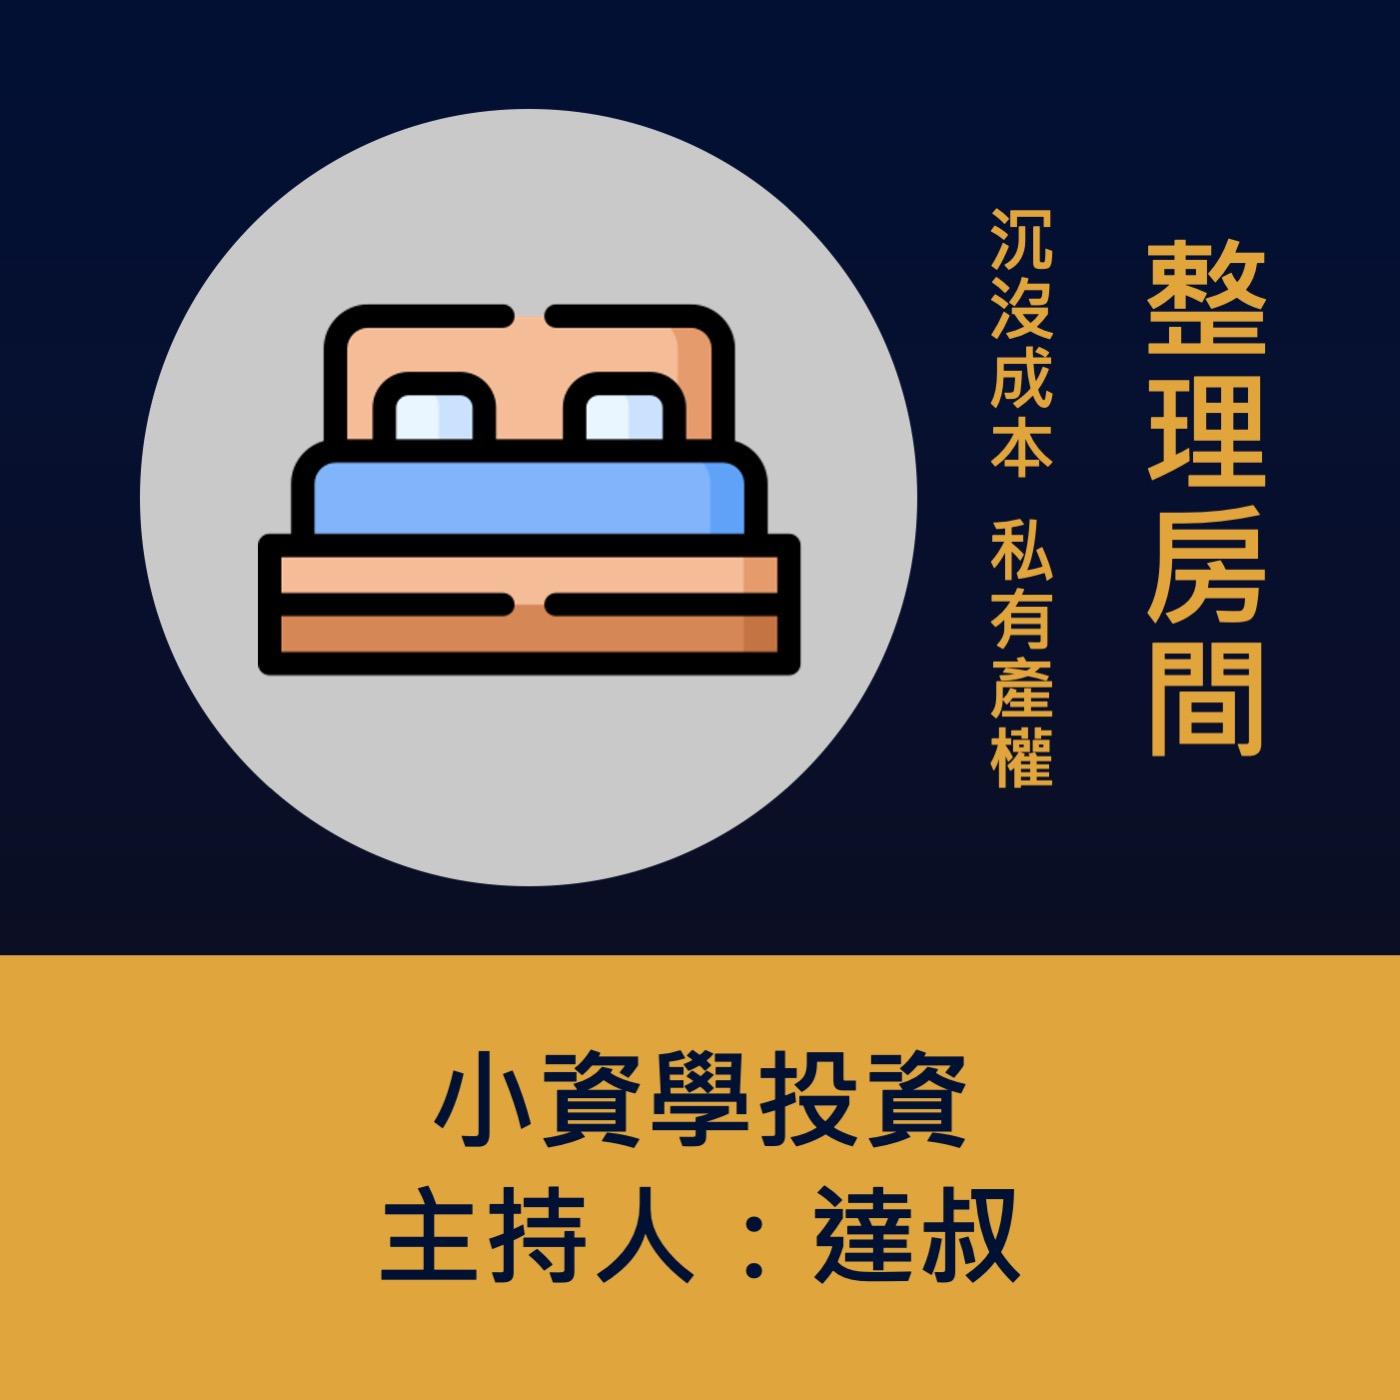 #021【沉沒成本】 用經濟學談如何整理自己的房間?┃私有產權,空間也是成本,整理東西